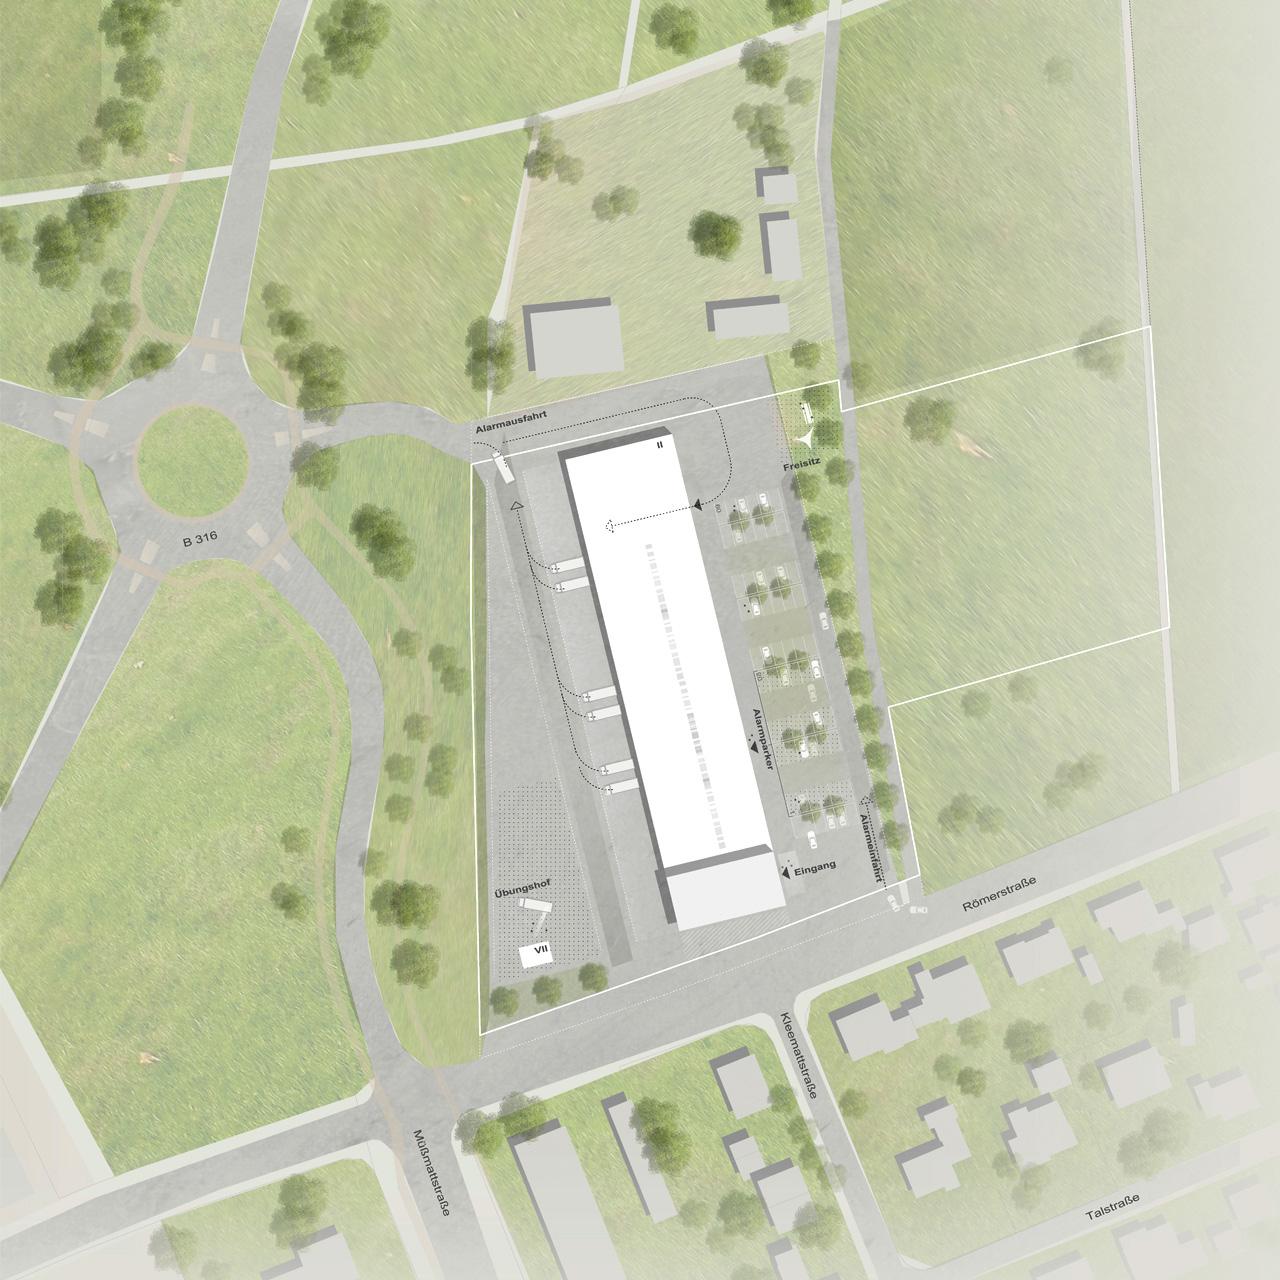 Wettbewerb Zentrales Feuerwehrgerätehaus Rheinfelden, Lageplan detailliert